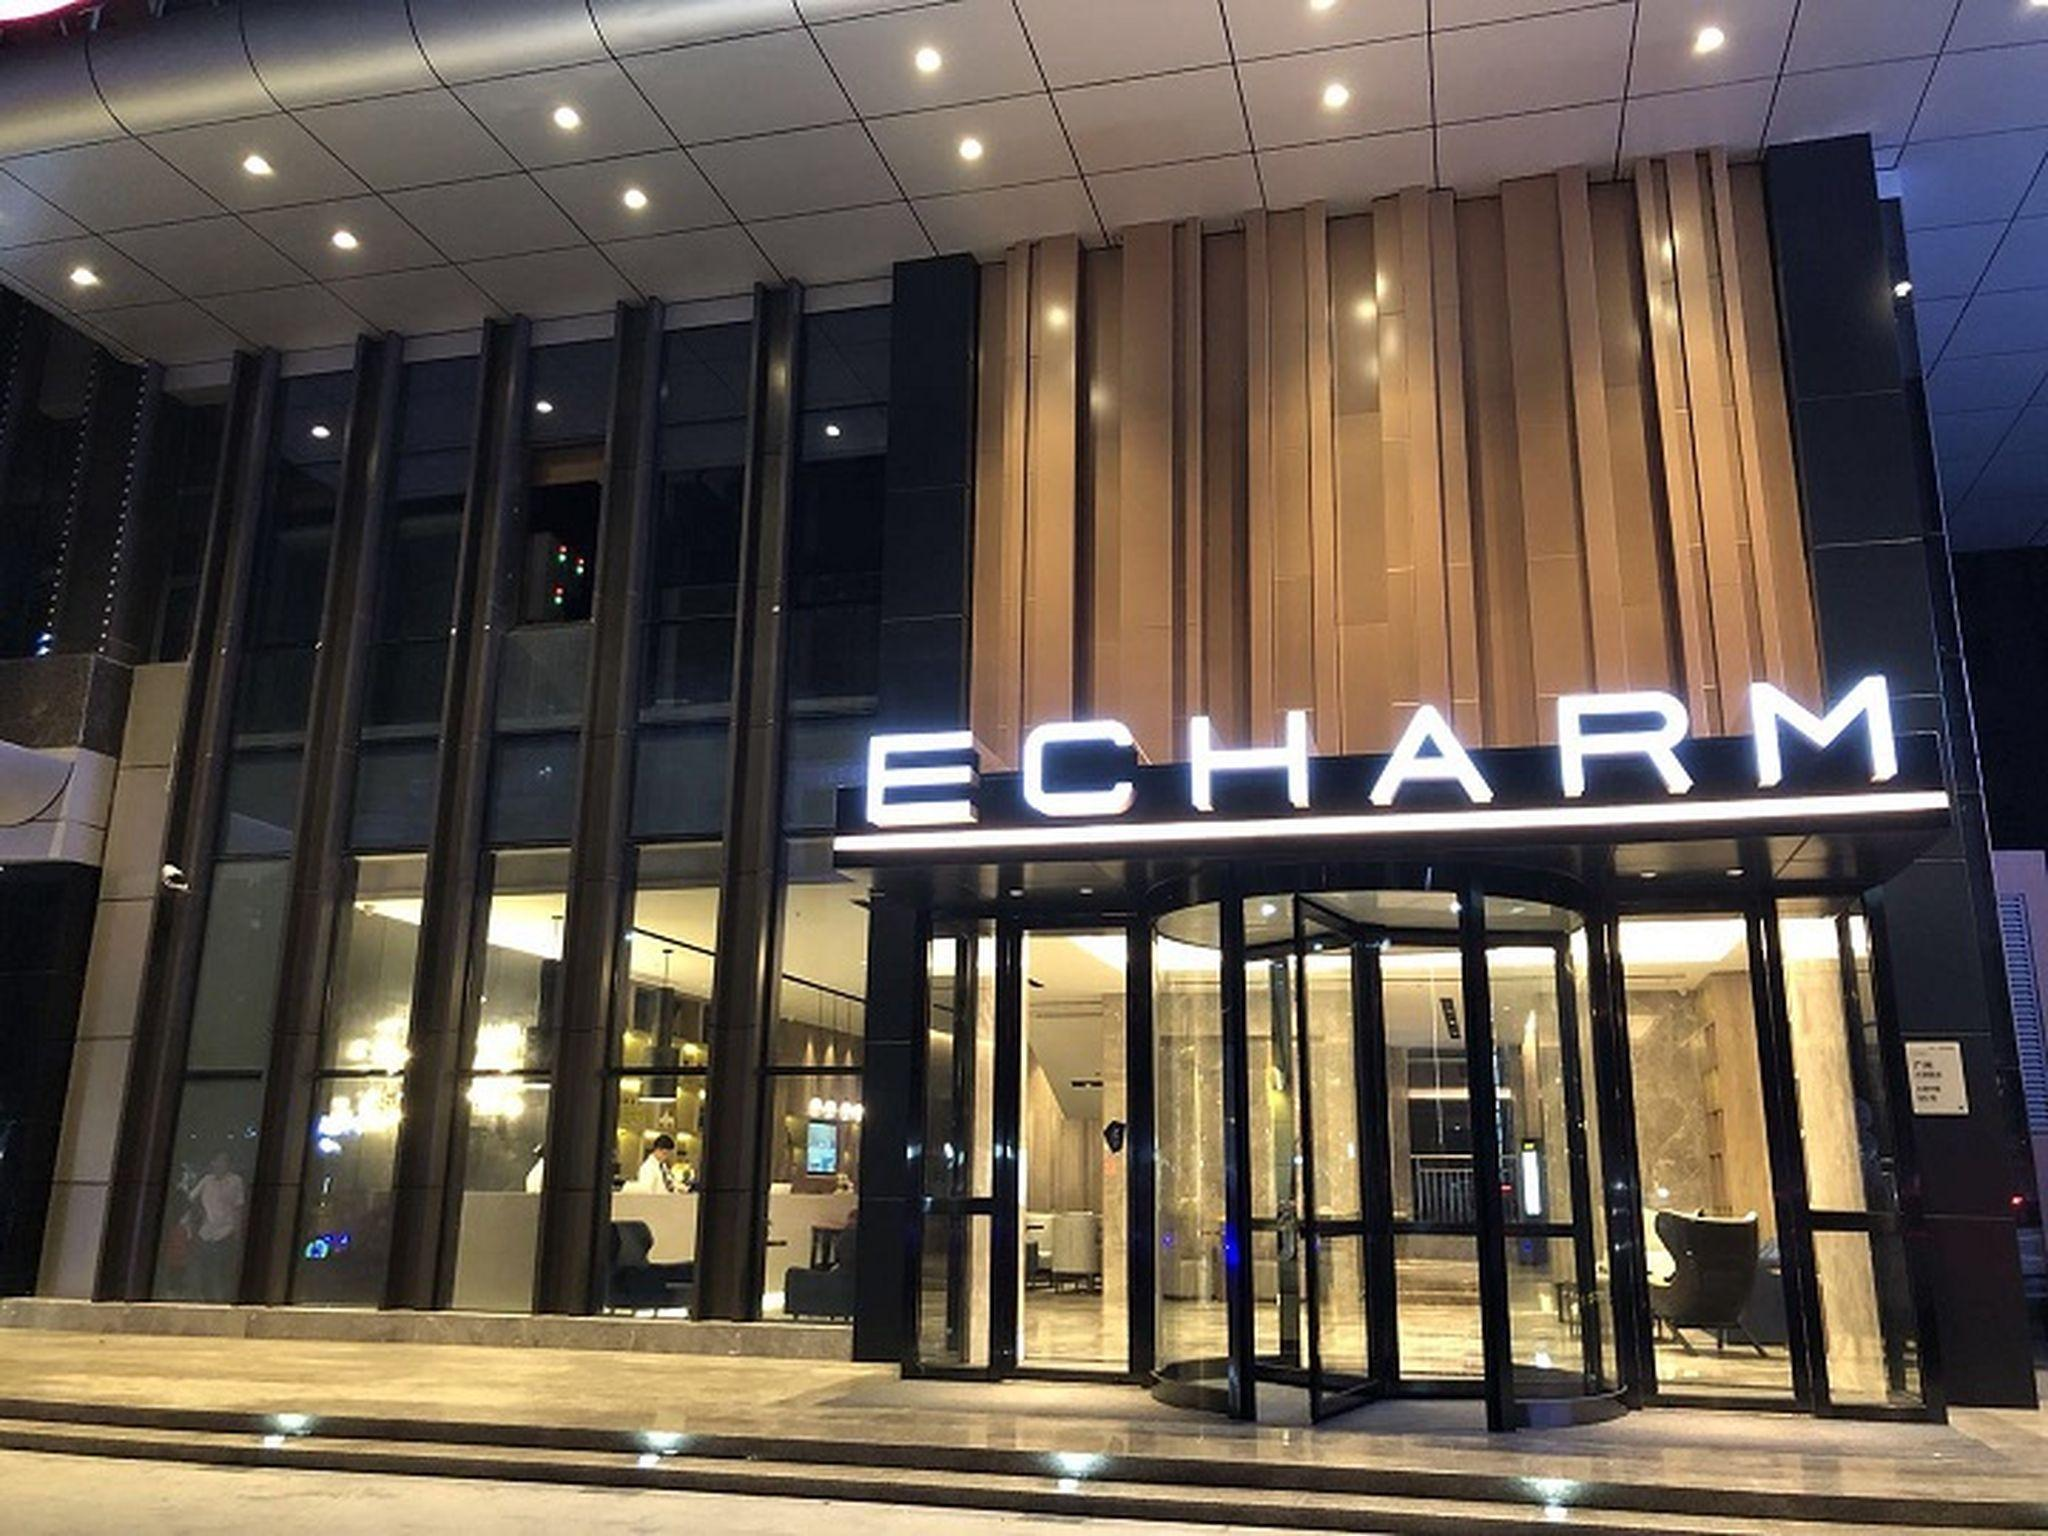 Echarm Hotel Guangzhou Taihe Dayuan Branch